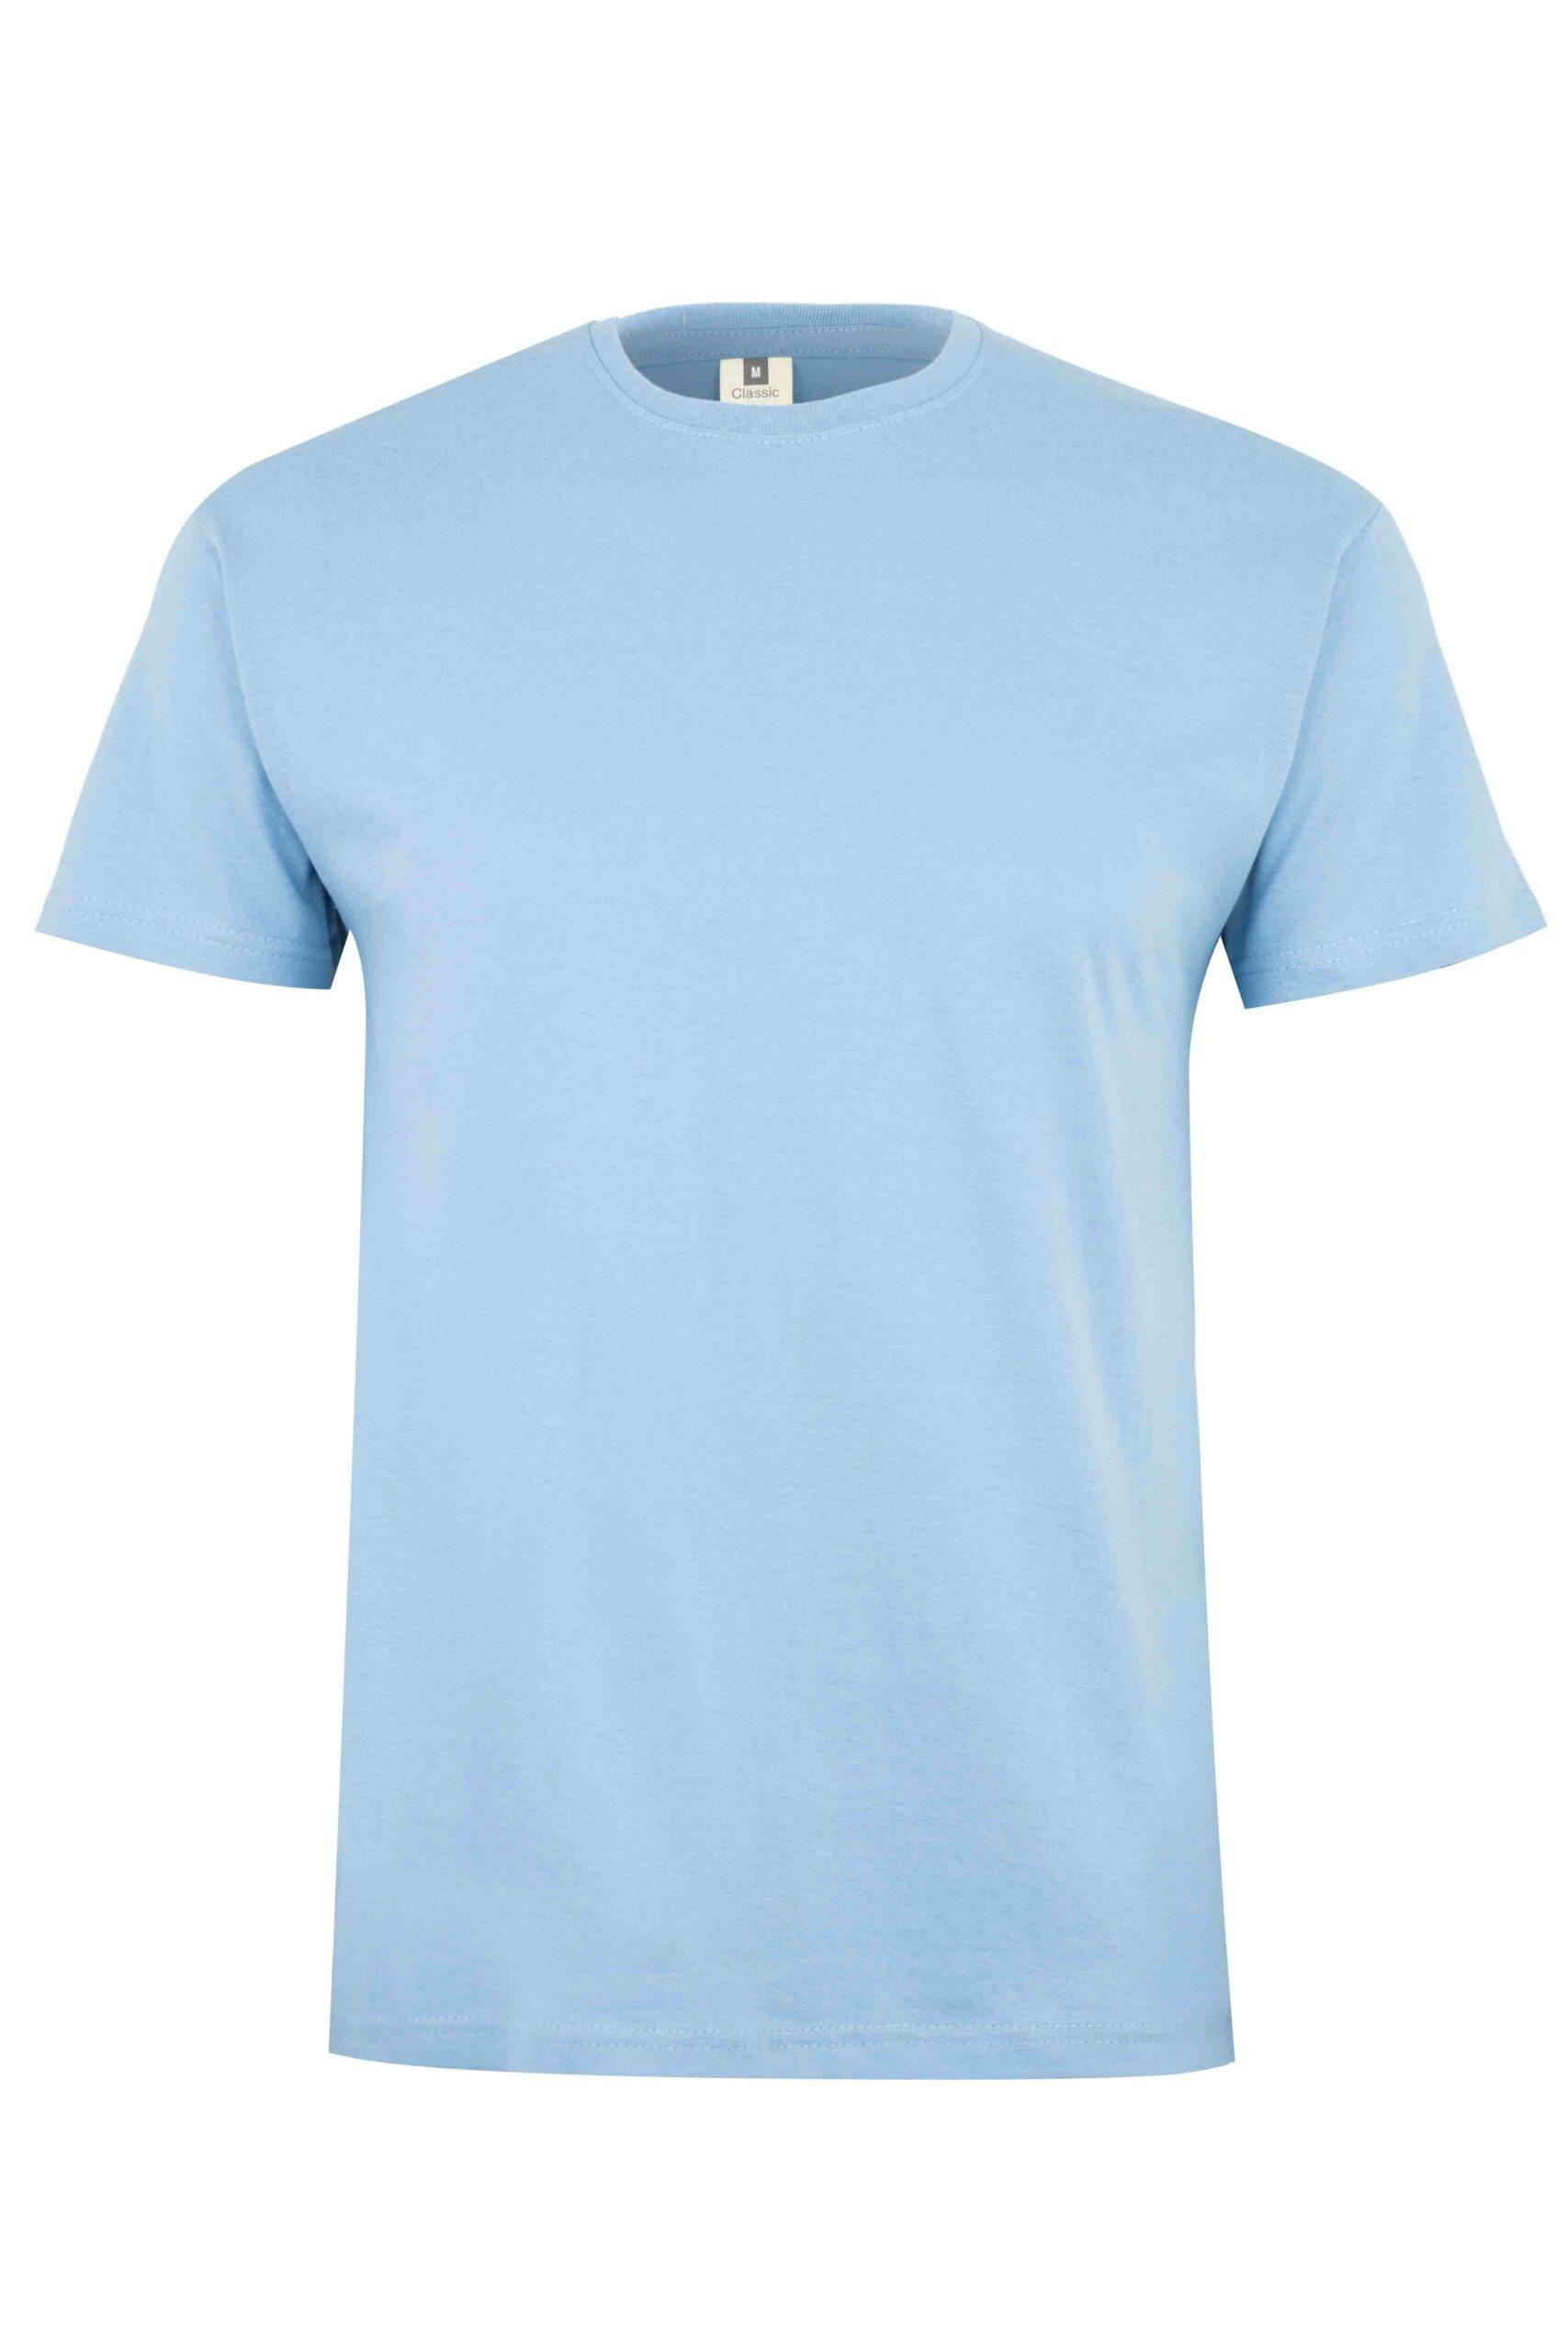 Mukua Mk022cv Camiseta Manga Corta 150gr Sky Blue